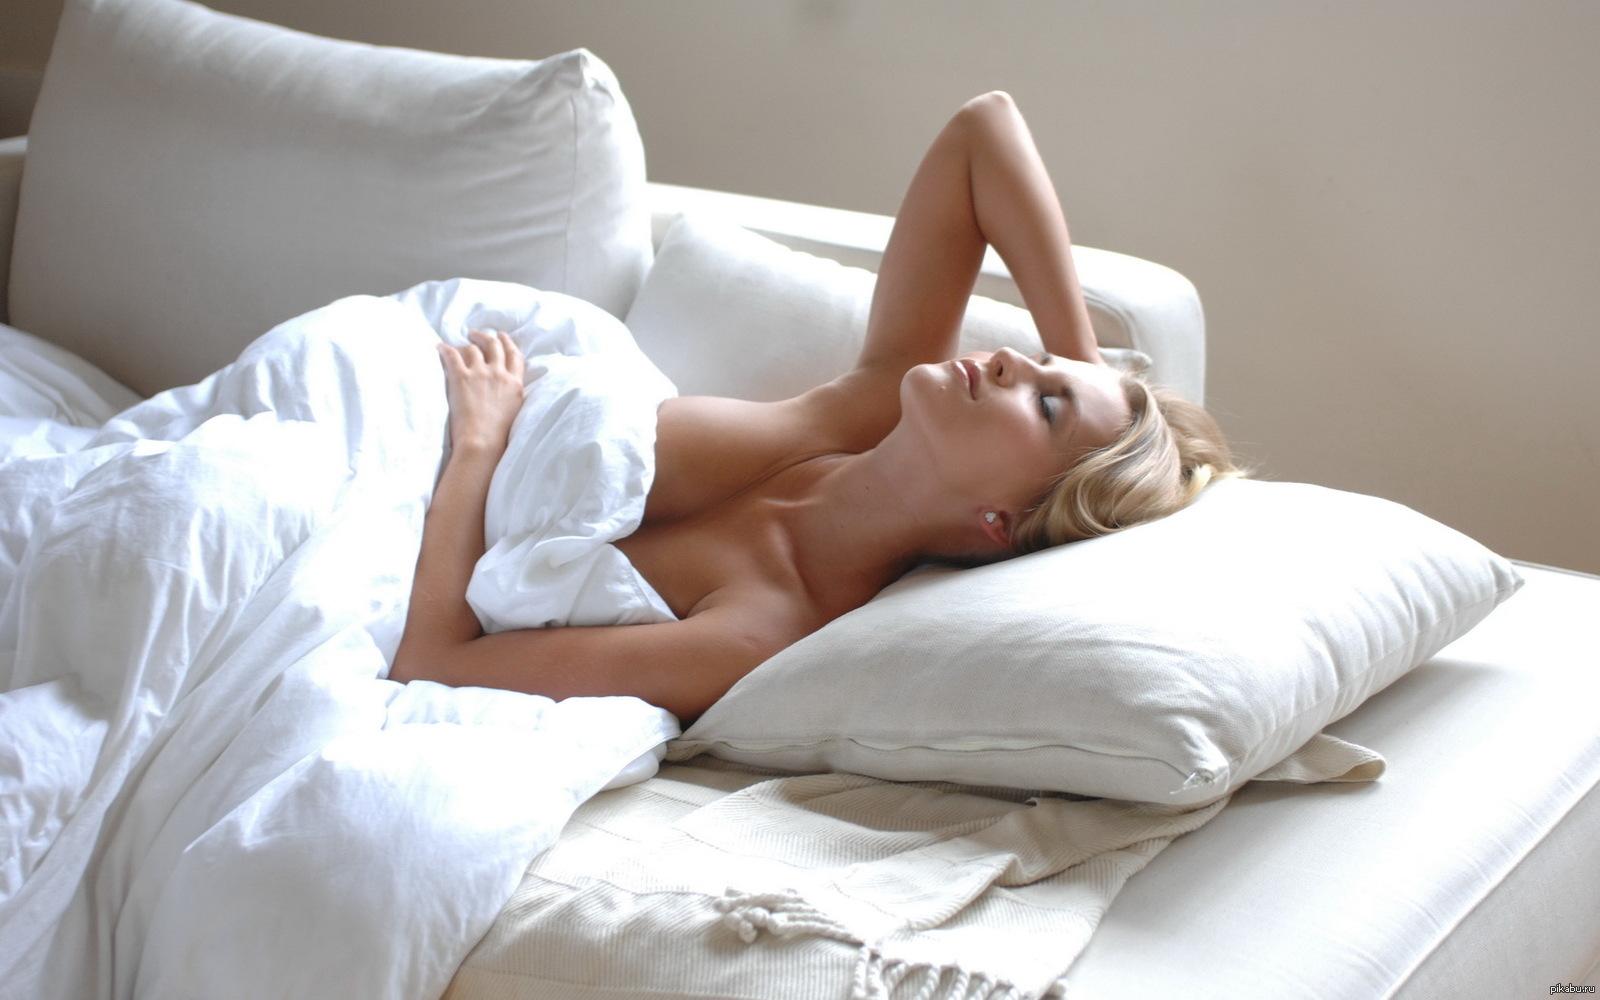 голые молодые девушки в постели - 6